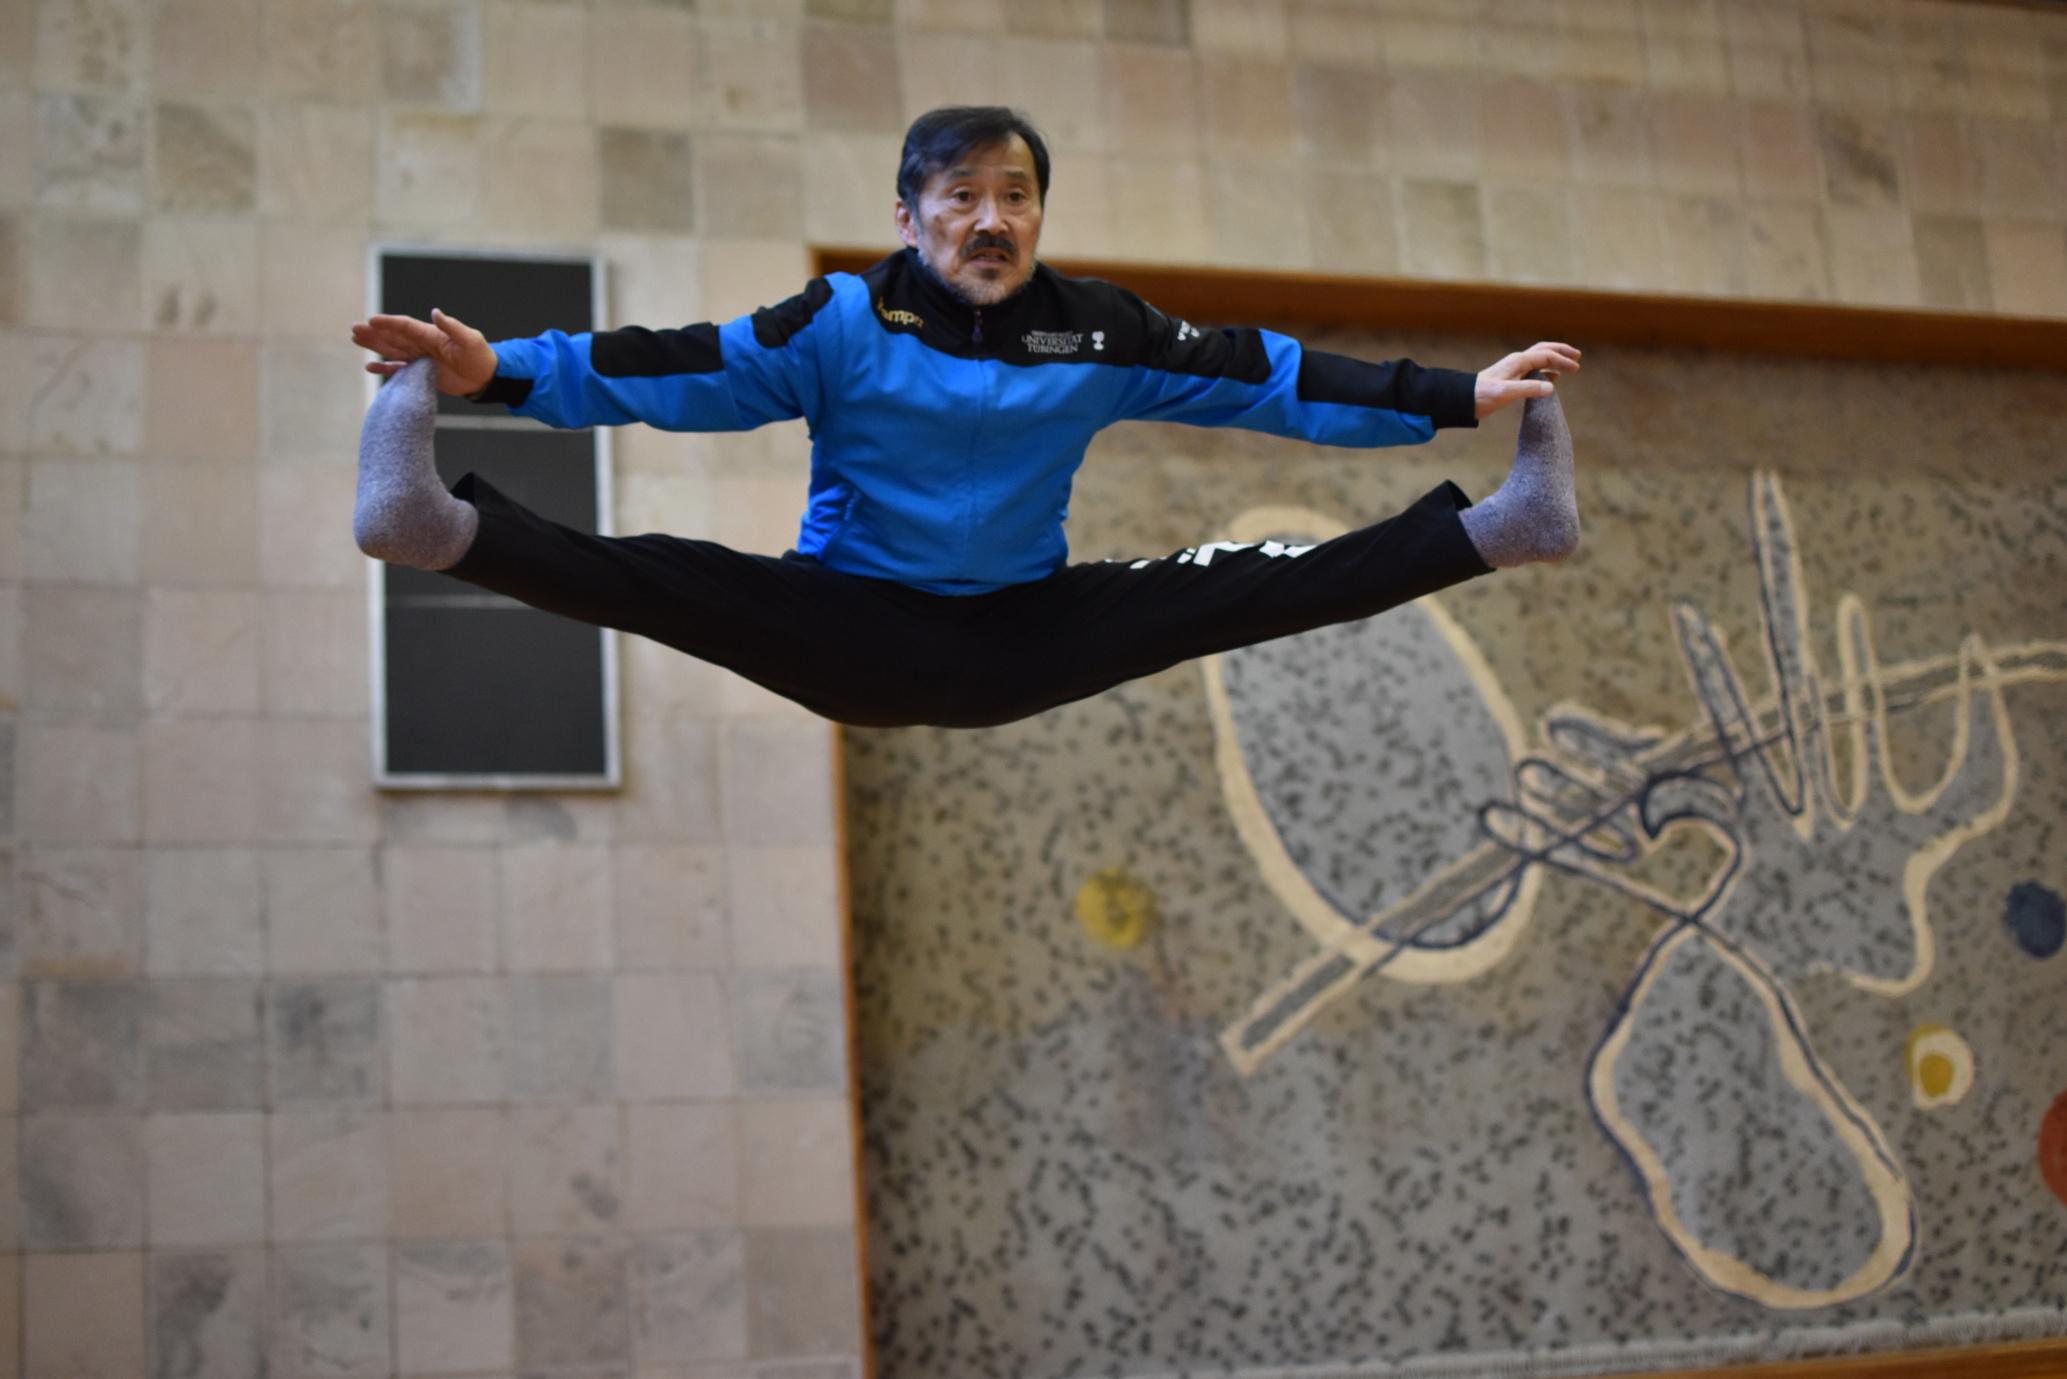 市場俊之先生の「スポーツ実技Ⅲ-1体操・器械体操1」